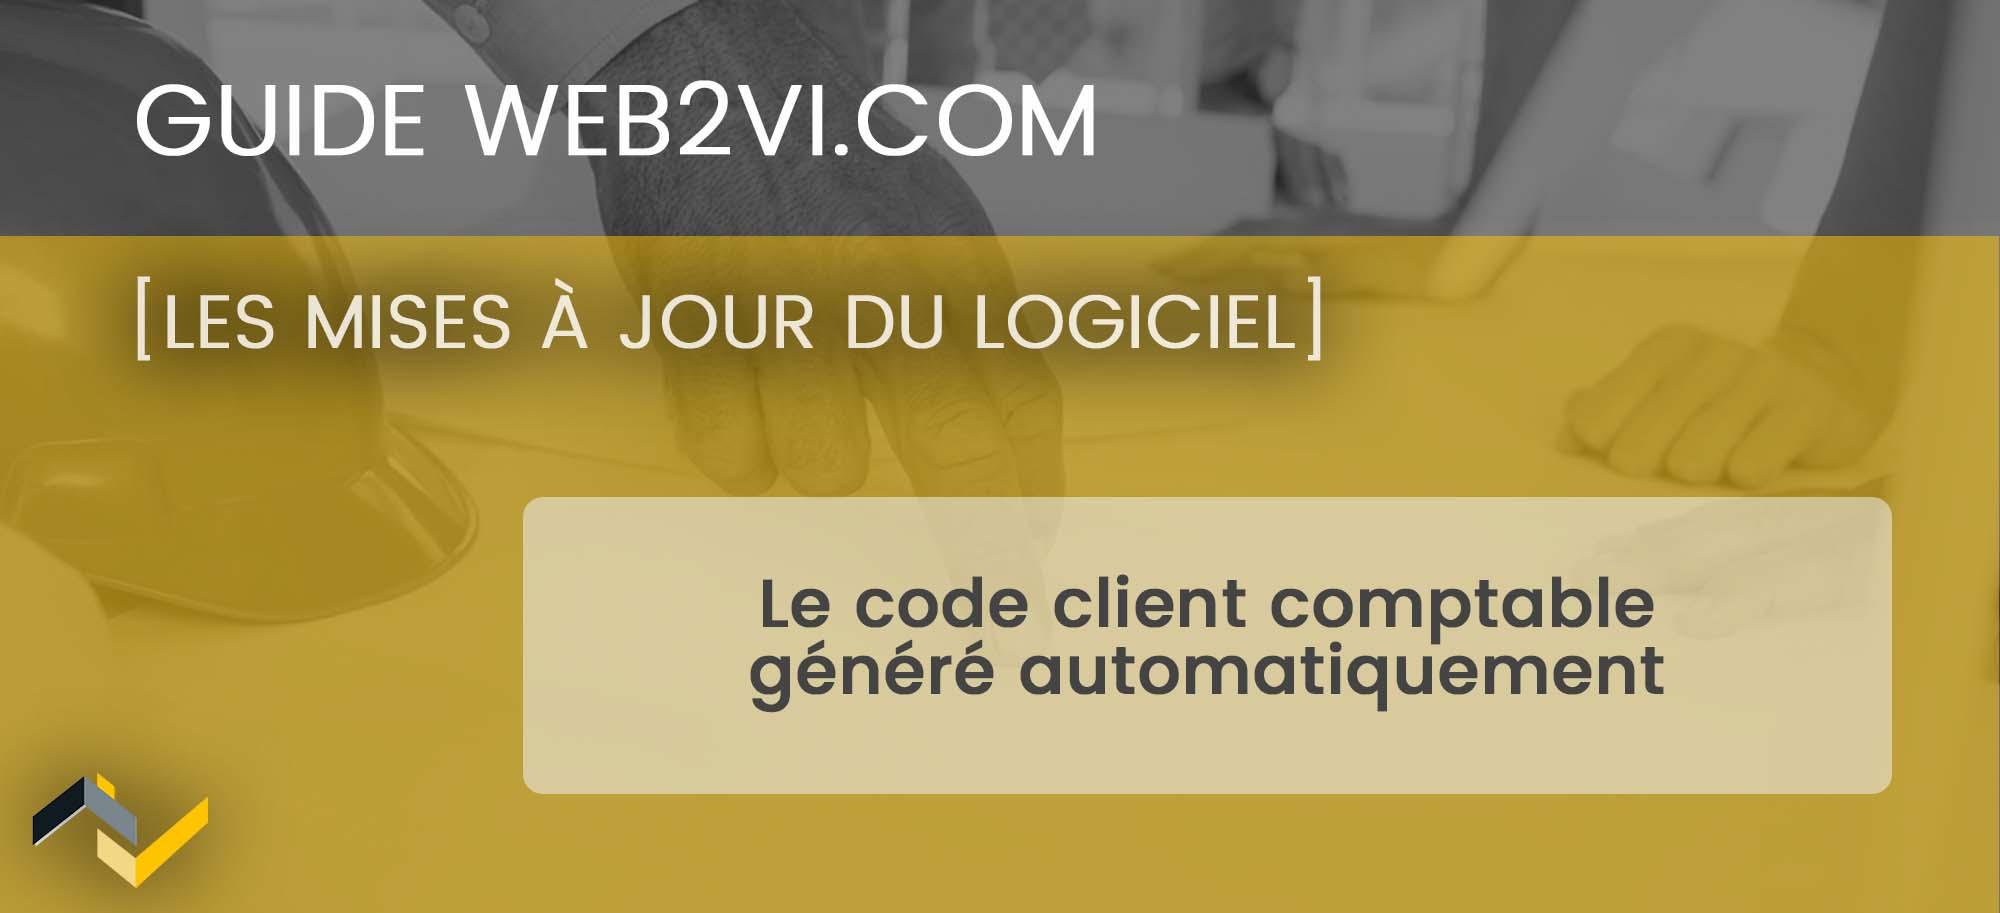 Le paramétrage des codes clients comptables sur le logiciel Web2vi.com